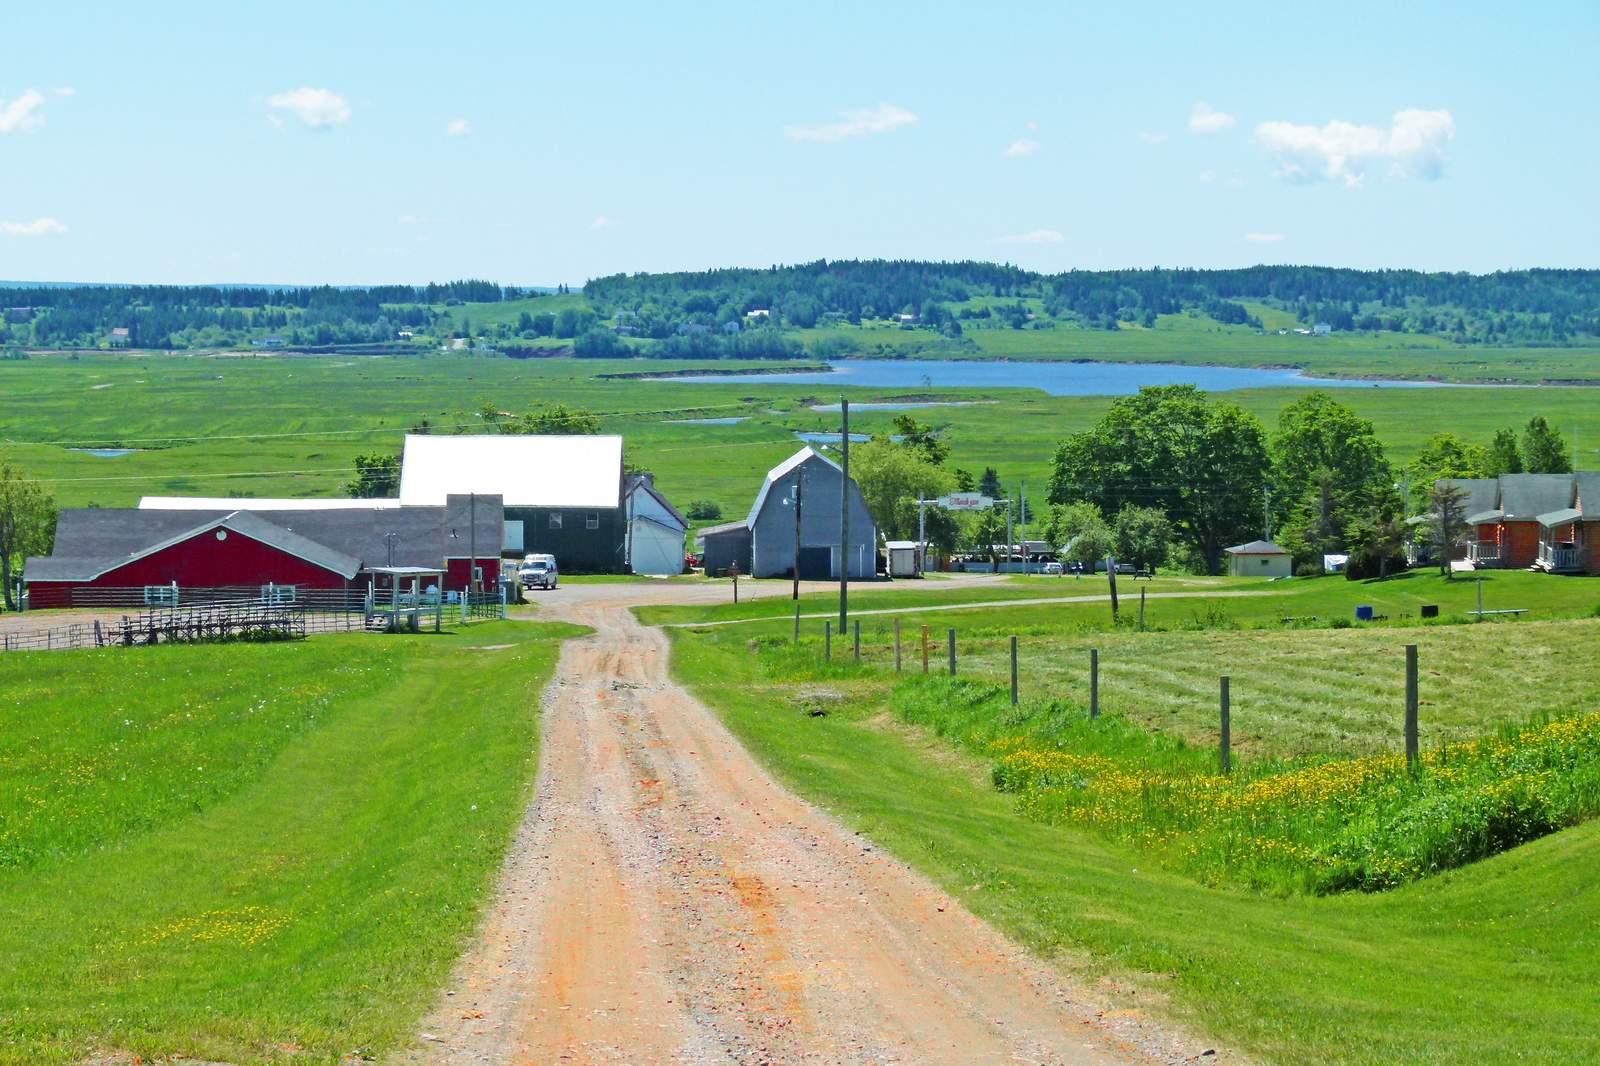 Broadleaf Guest Ranch